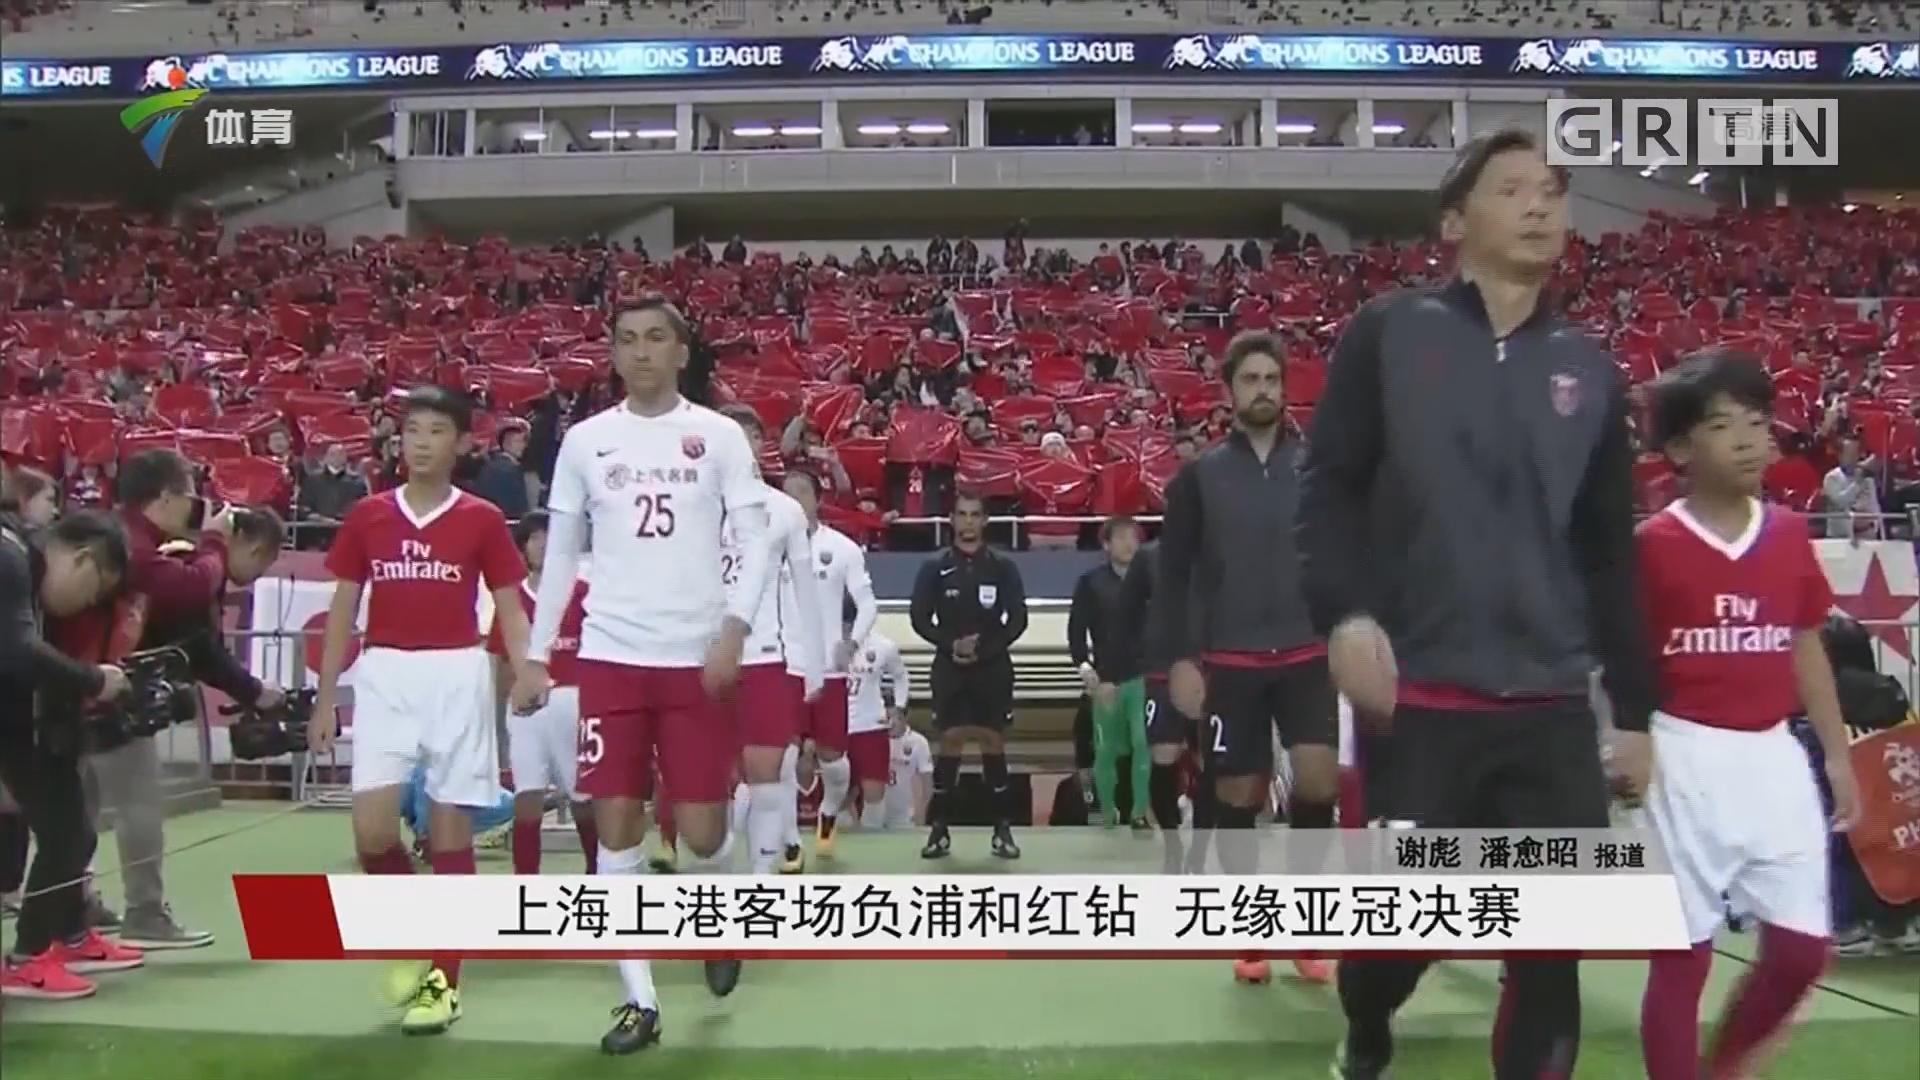 上海上港客场负浦和红钻 无缘亚冠决赛